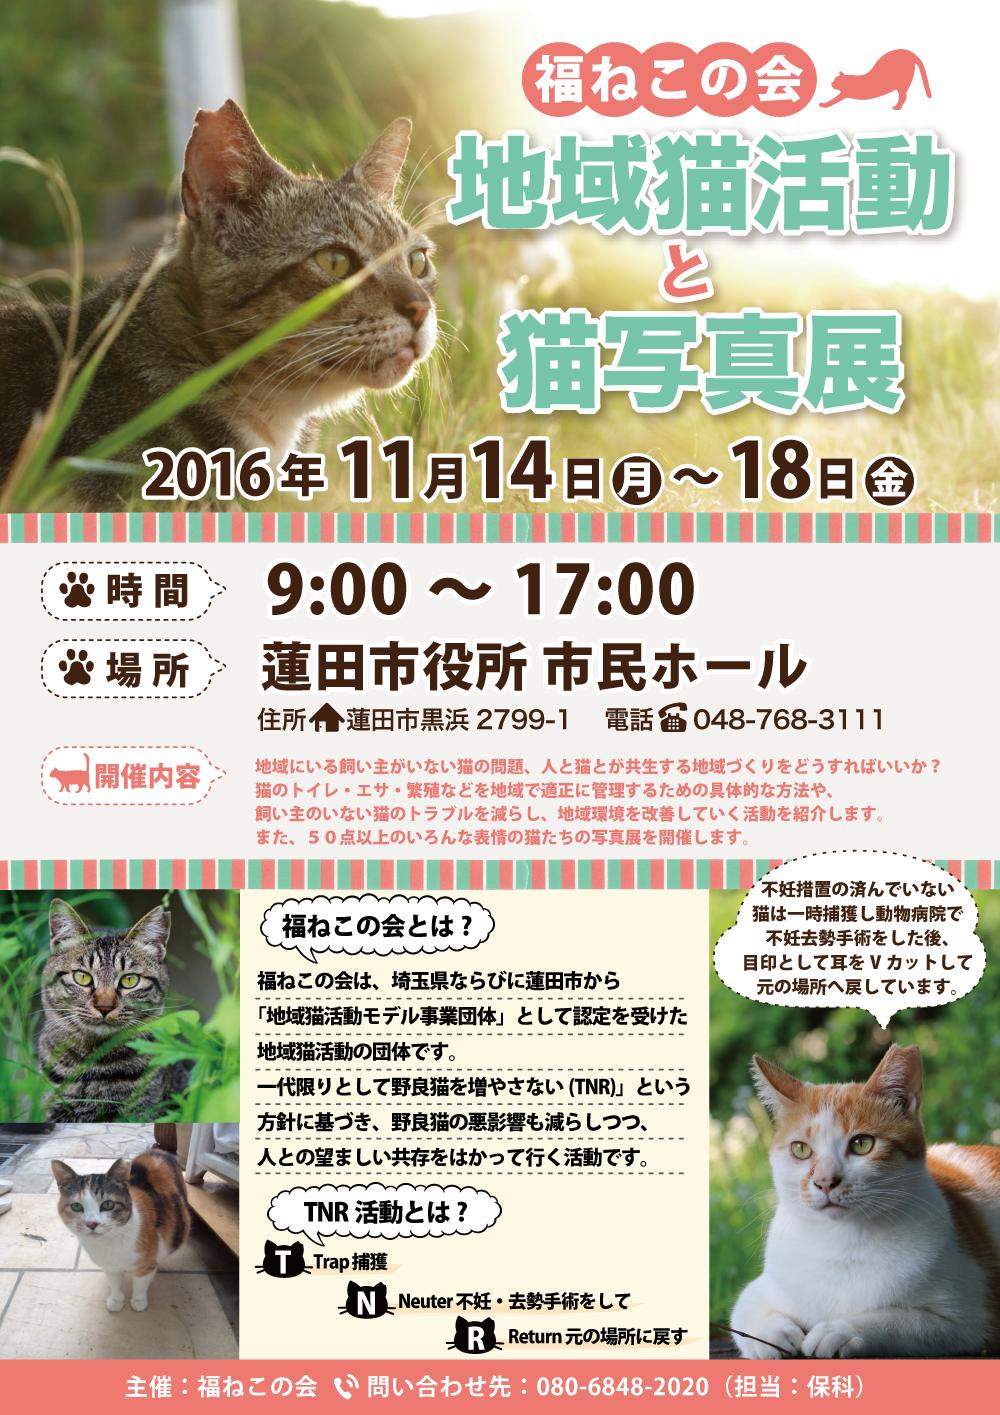 地域猫活動と猫写真展